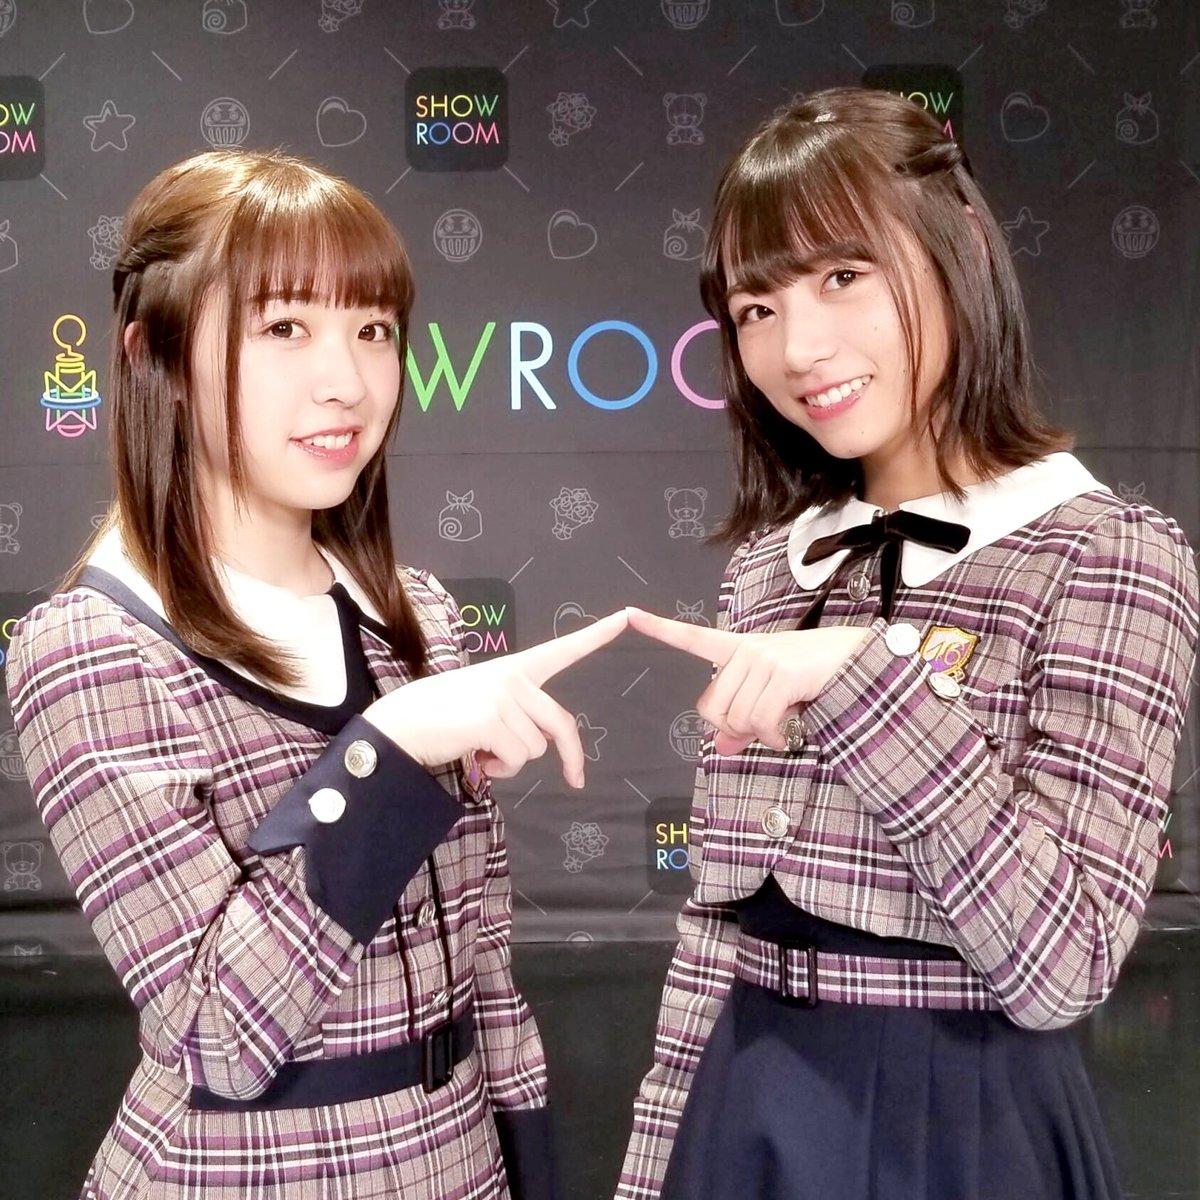 北野日奈子(右)と渡辺みり愛(左) (SHOWROOM)